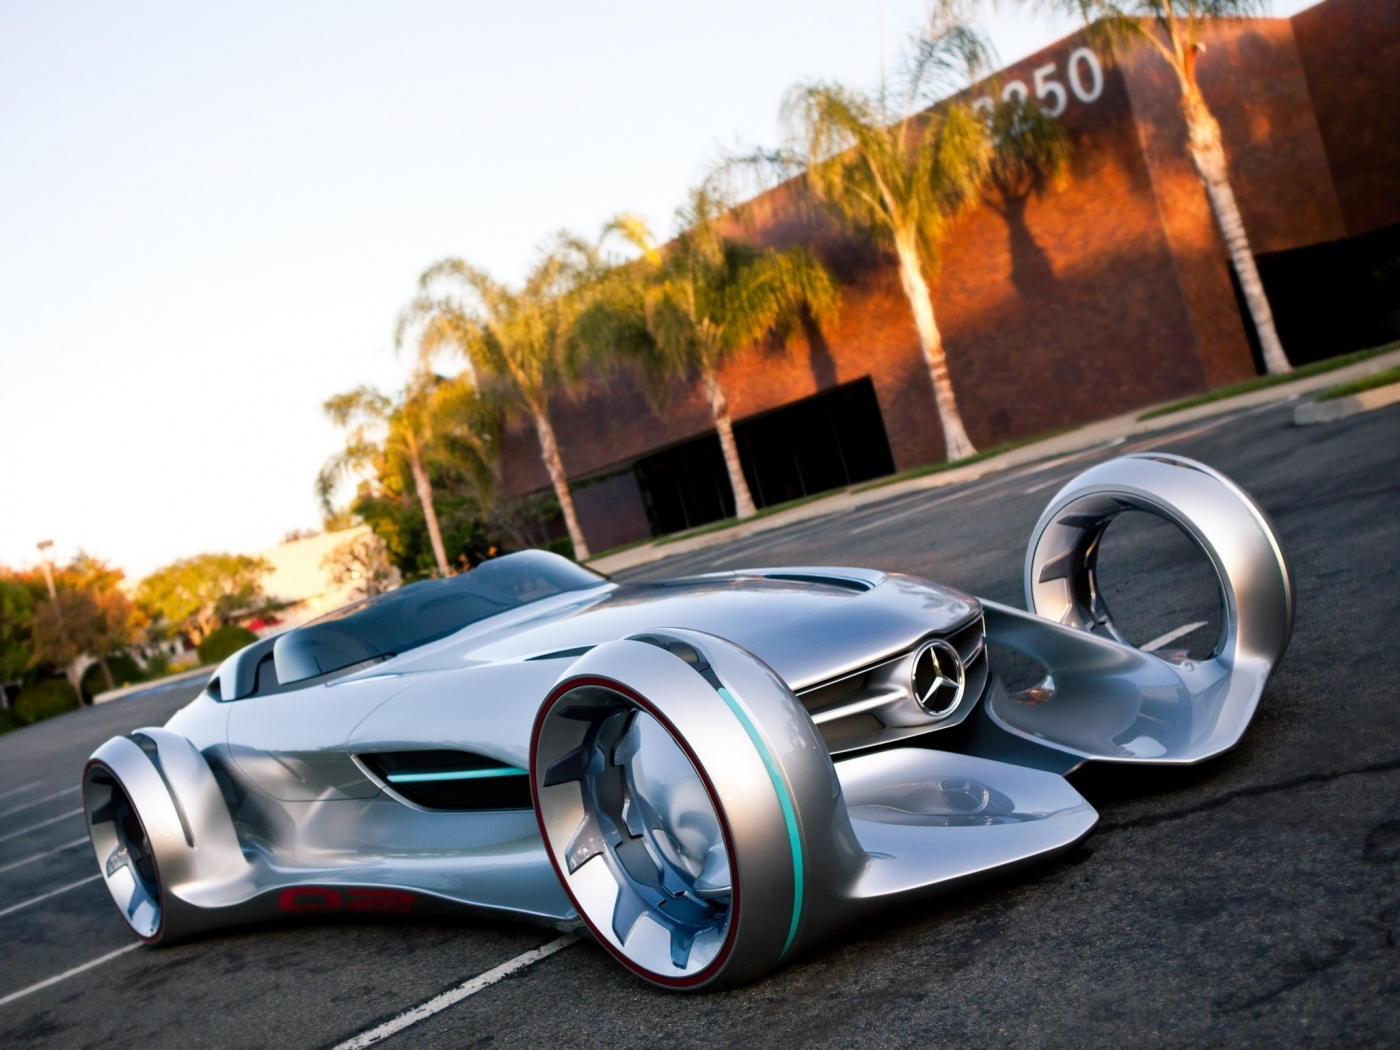 46754 скачать обои Транспорт, Машины, Мерседес (Mercedes) - заставки и картинки бесплатно